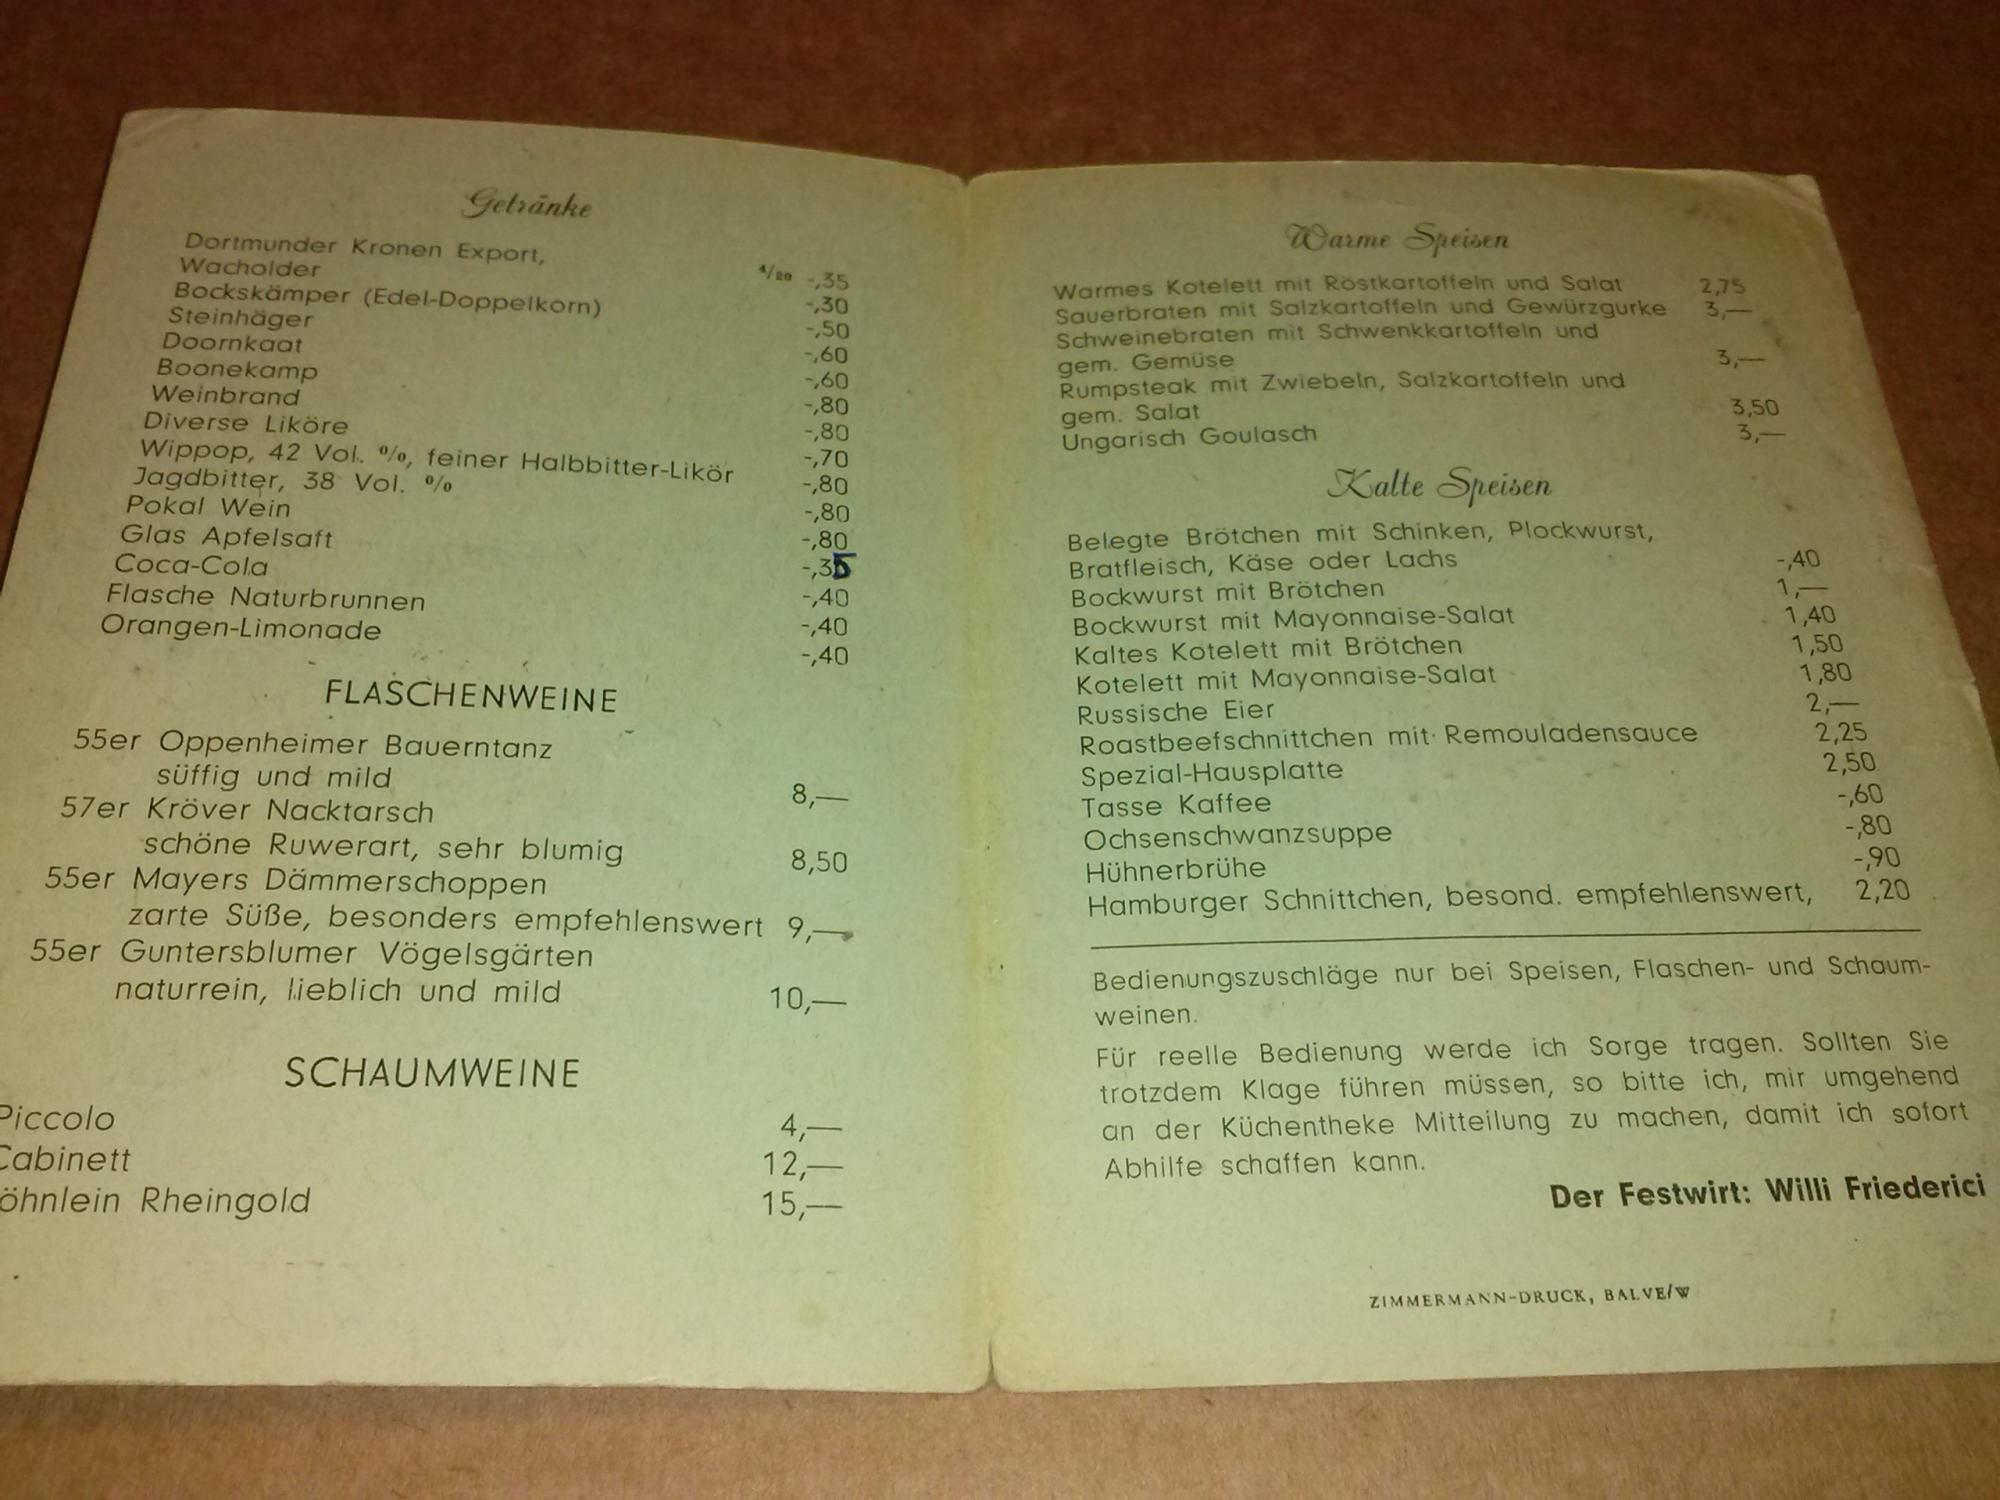 Schützenfest Garbeck 1958 - Getränke- und Speisenkarte - Festwirt ...